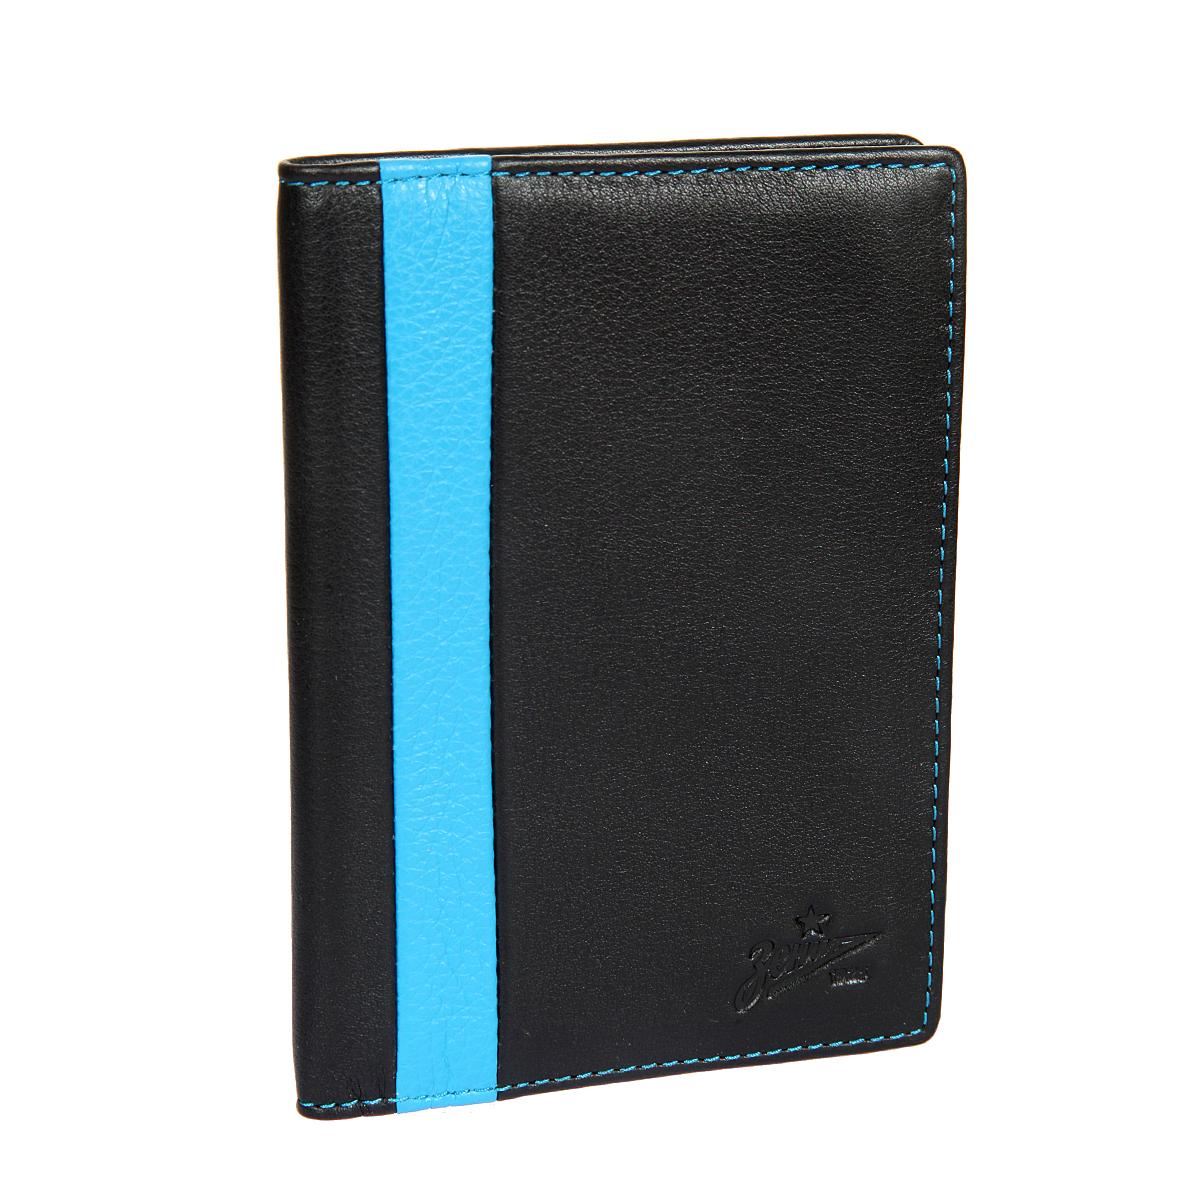 Обложка для паспорта мужская Gianni Conti, цвет: черный. Z587455Z587455 black/blueРаскладывается пополам, внутри левое поле натуральная кожа - 3 см, правое поле натуральная кожа - 7 см, на нем шесть кармашков для пластиковых карт.